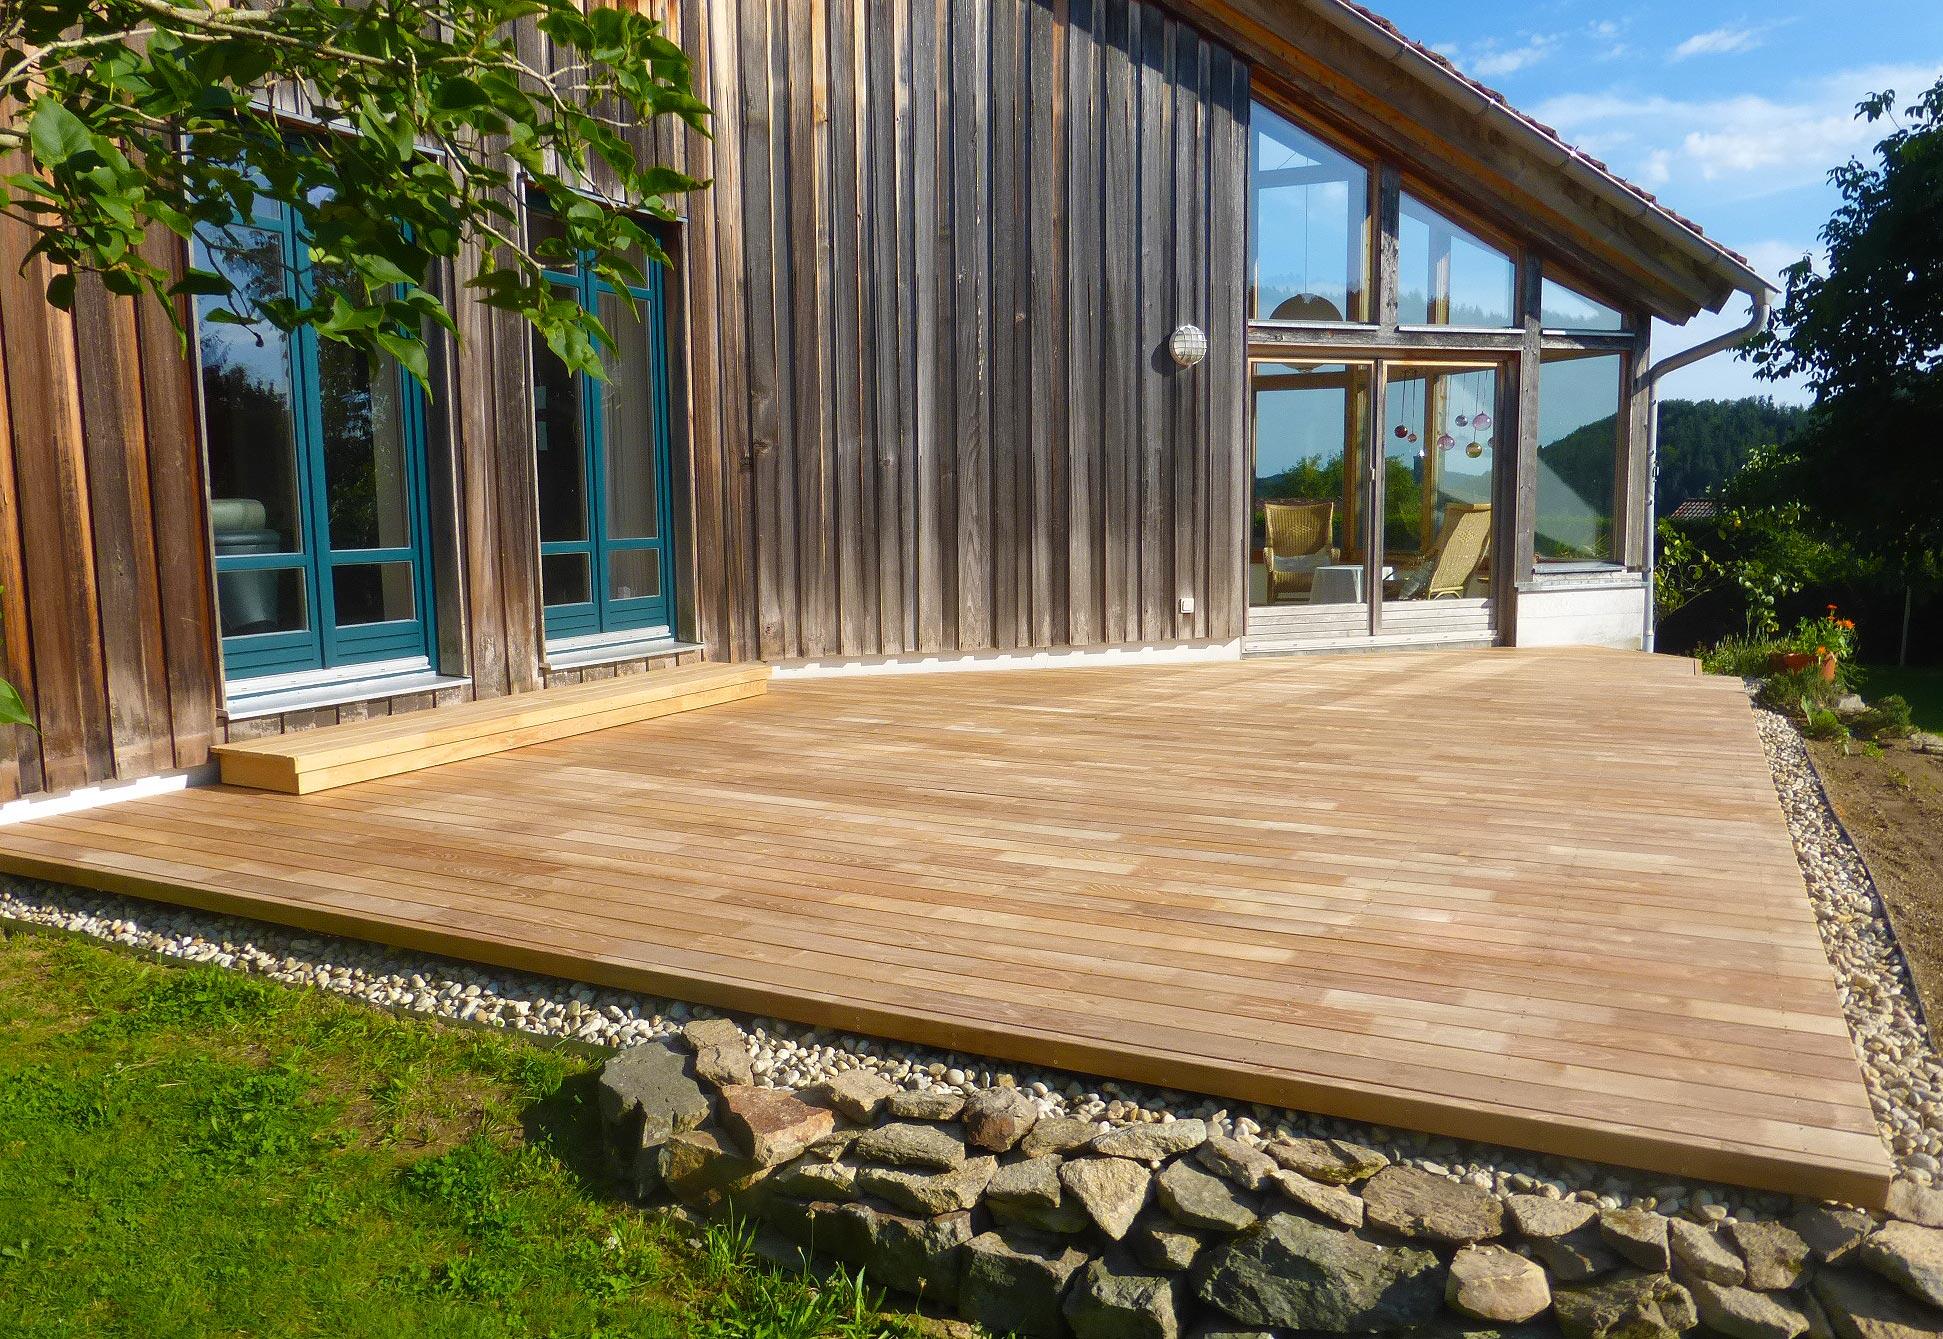 Holzhaus mit Terrasse aus Robinienholz.